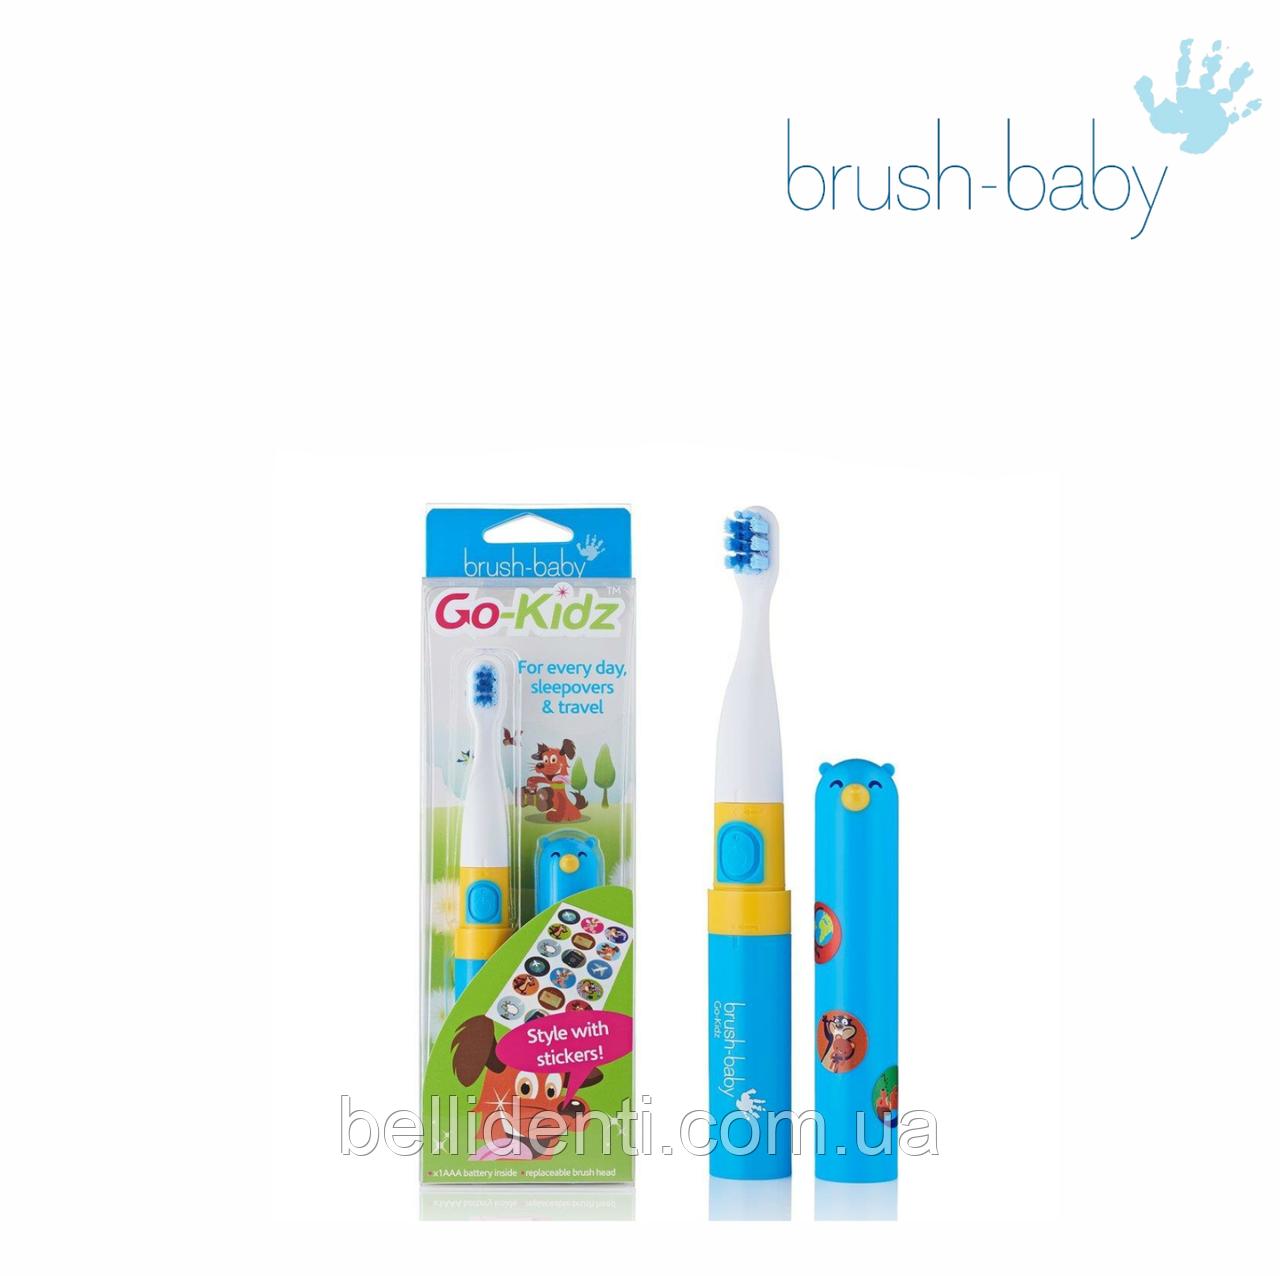 Детская электрическая зубная щетка с наклейками Brush-Baby Go-Kidz ( от 3 лет)